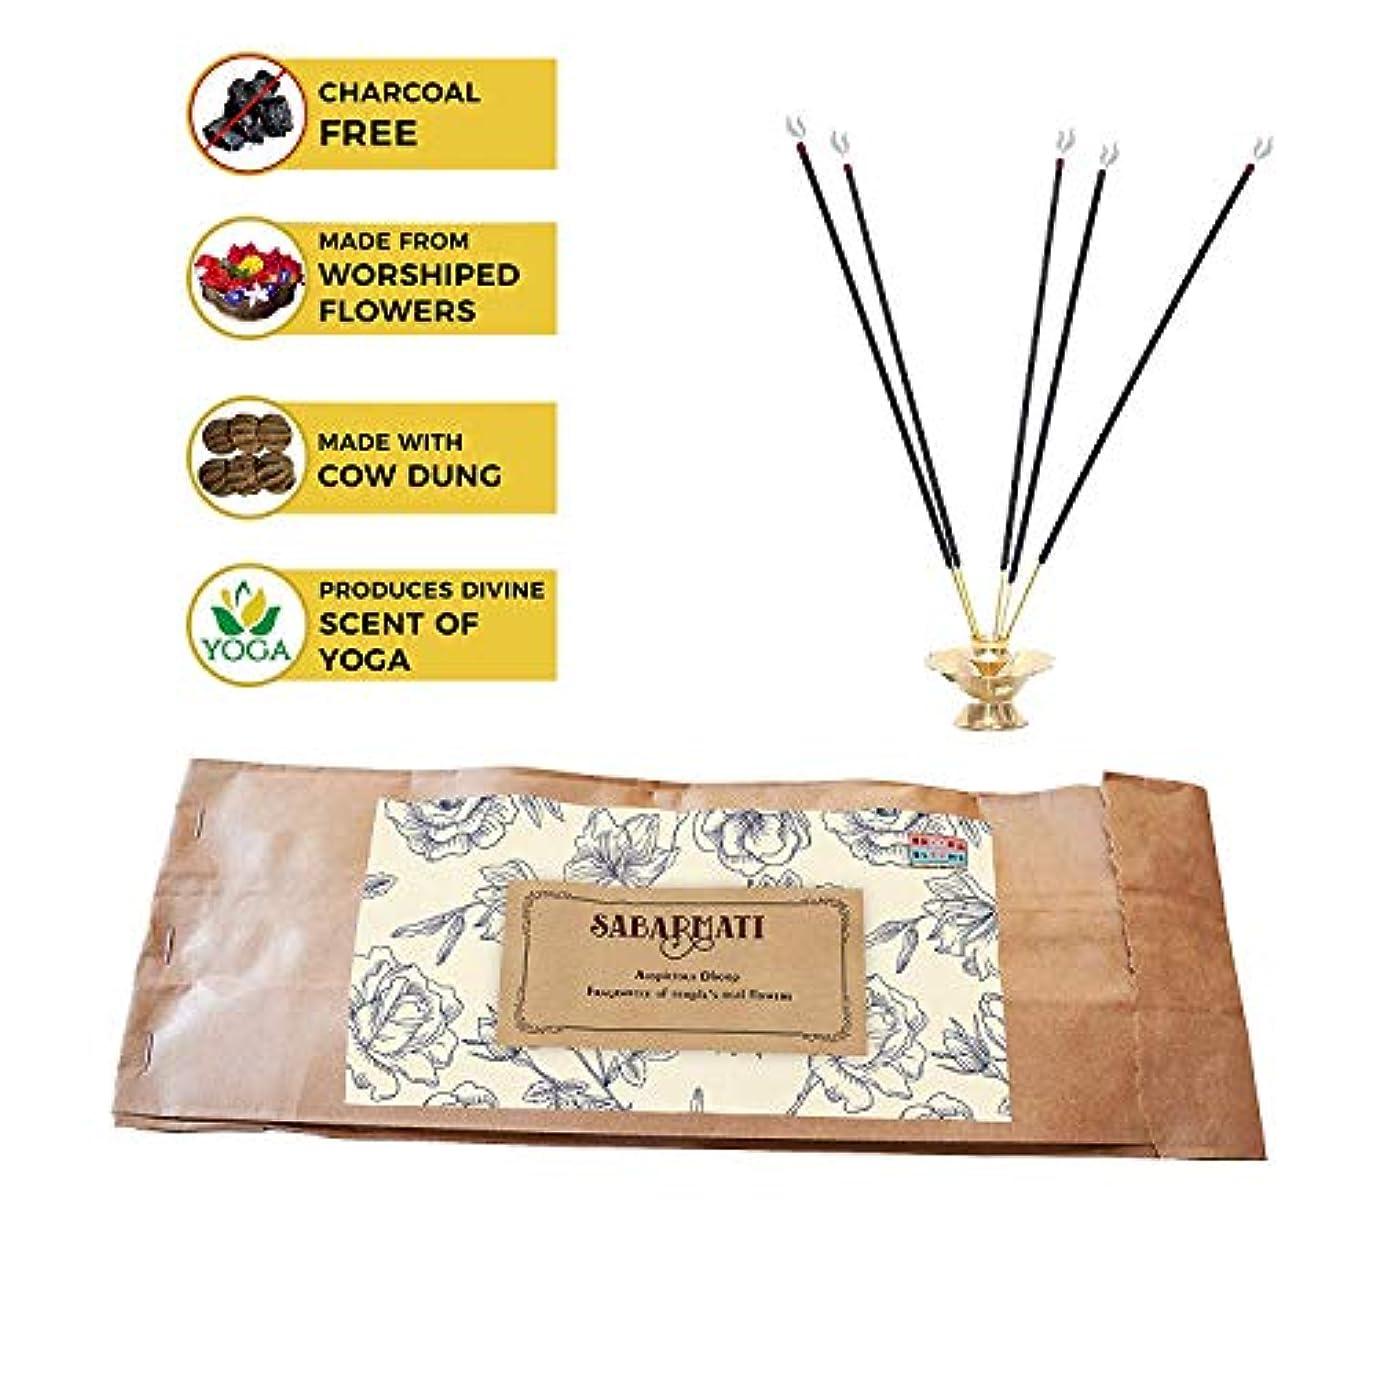 トラップ申請中特にBrook and Blooms Oragnic and Non Toxic Natural Ayurvedic Incence Sticks/Agarbatti Stick Made of Upcycled Flower